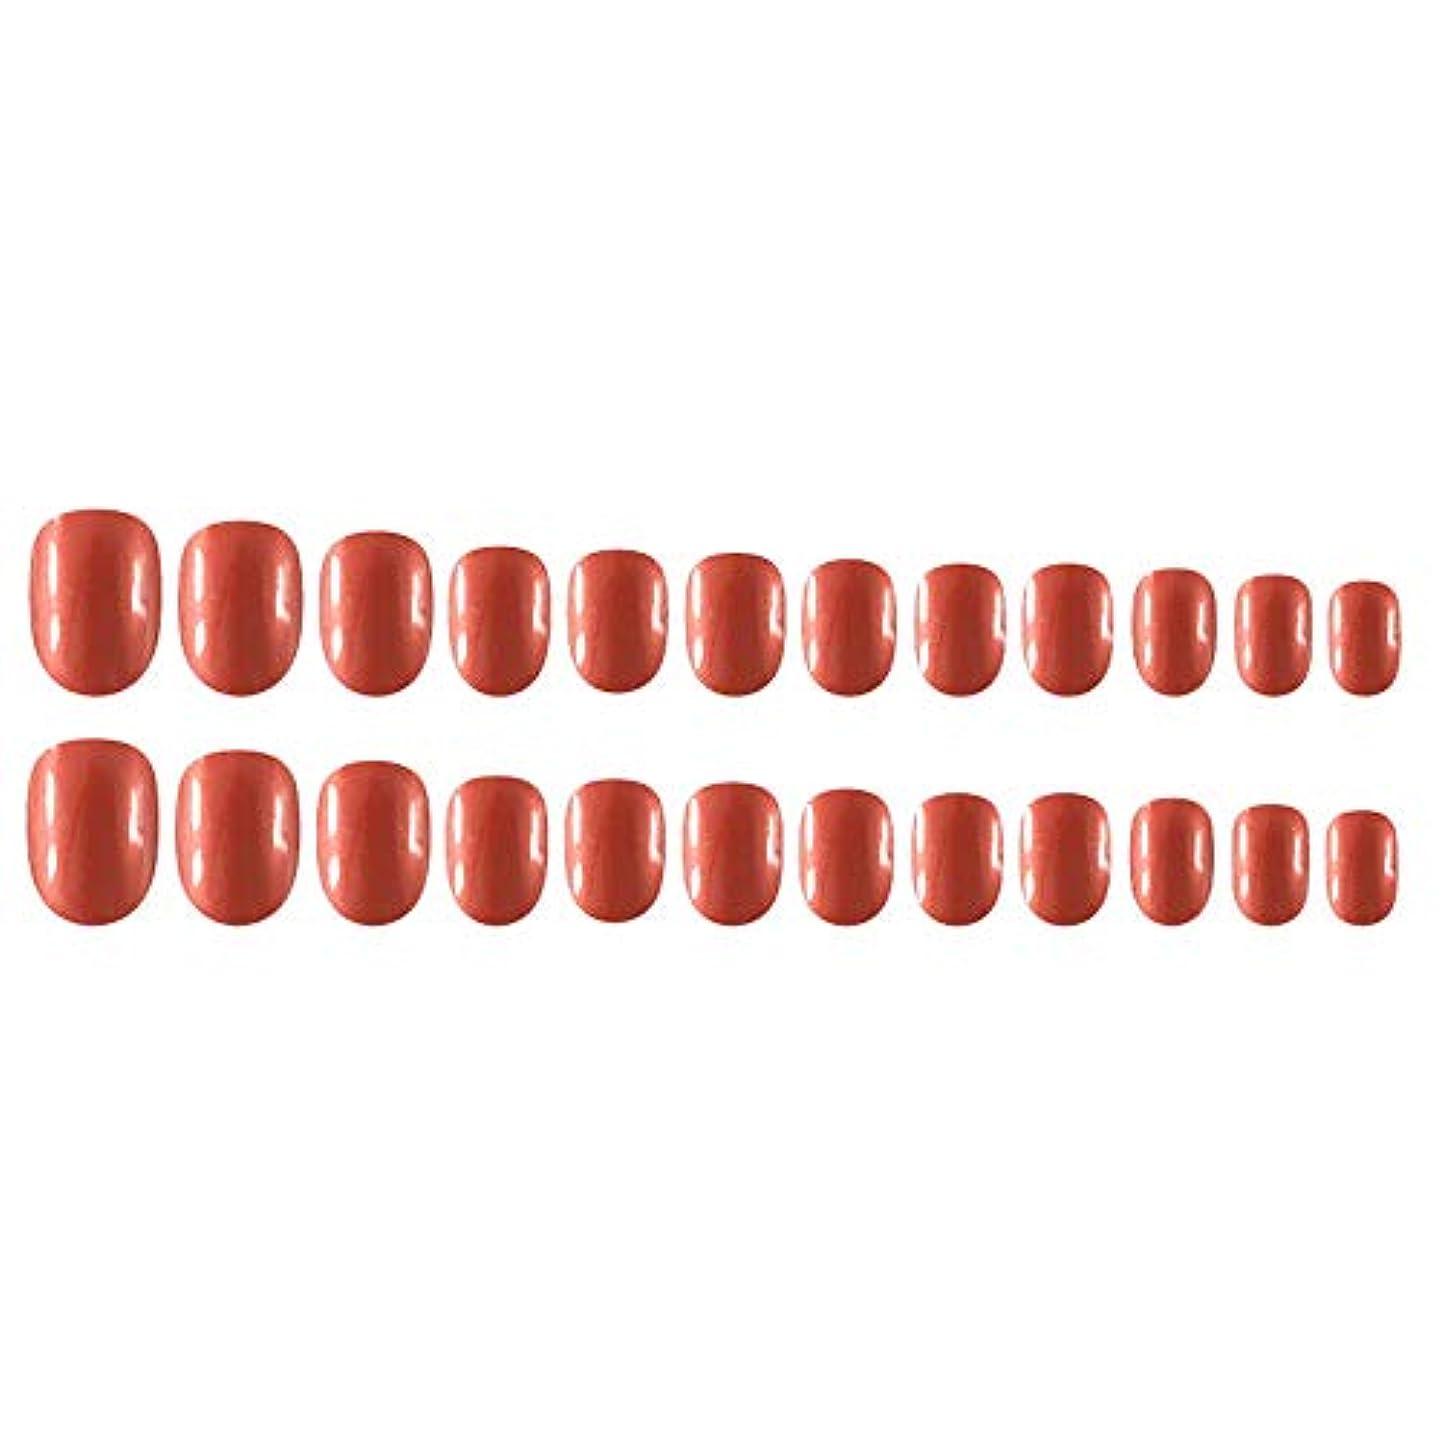 ハックメッセージ激しいDecdeal Decdeal ネイルチップ 24ピース 12異なるサイズ diy サロン ネイルアートツール 偽